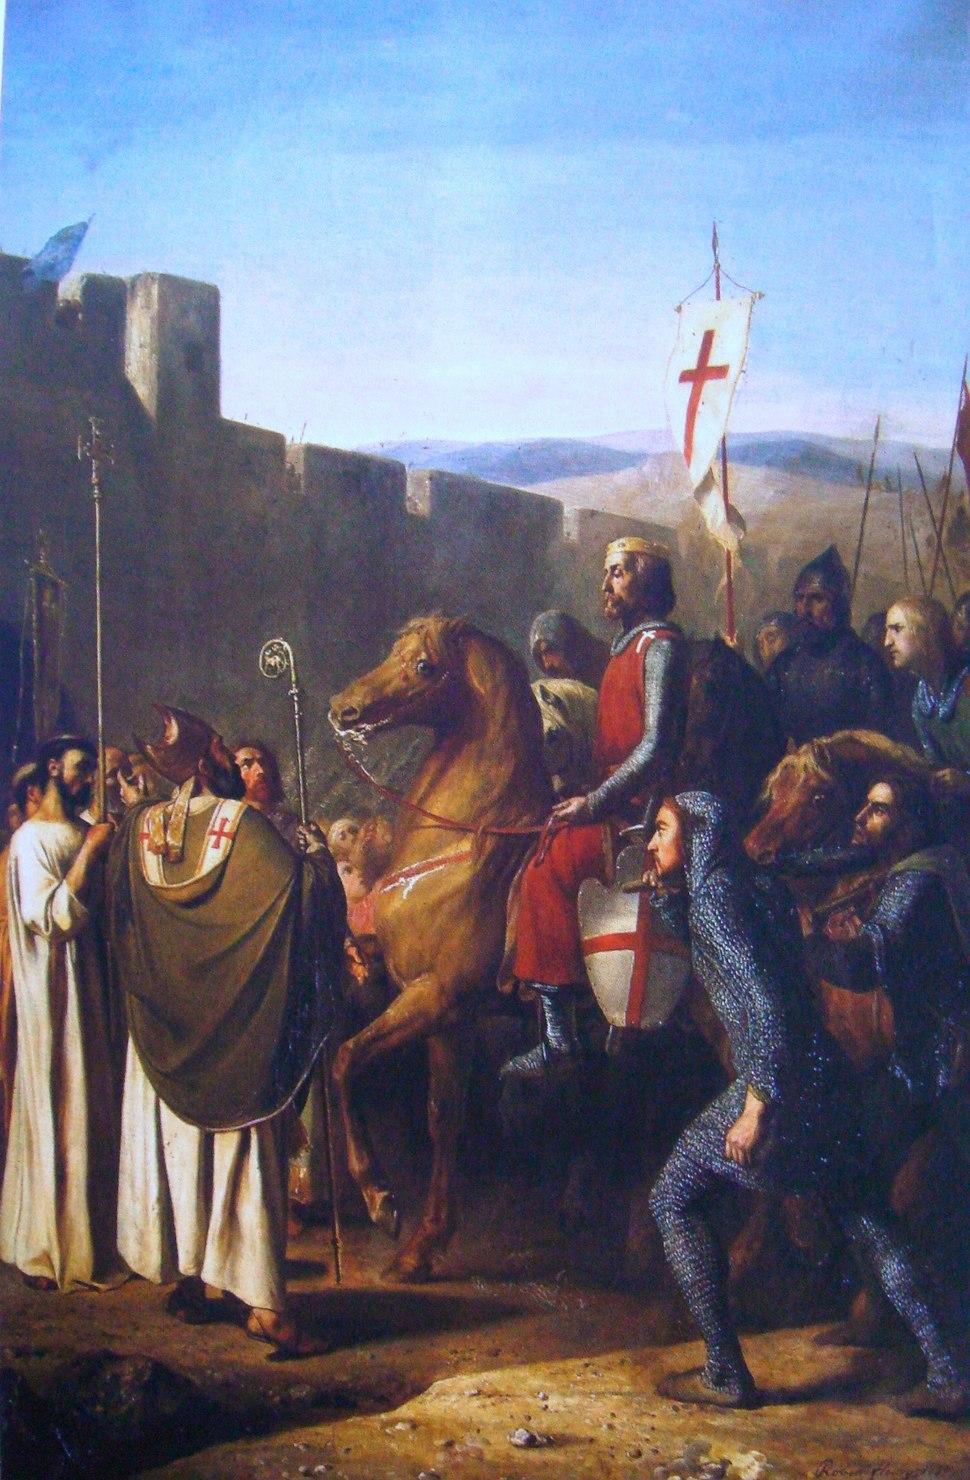 Baldwin of Boulogne entering Edessa in Feb 1098